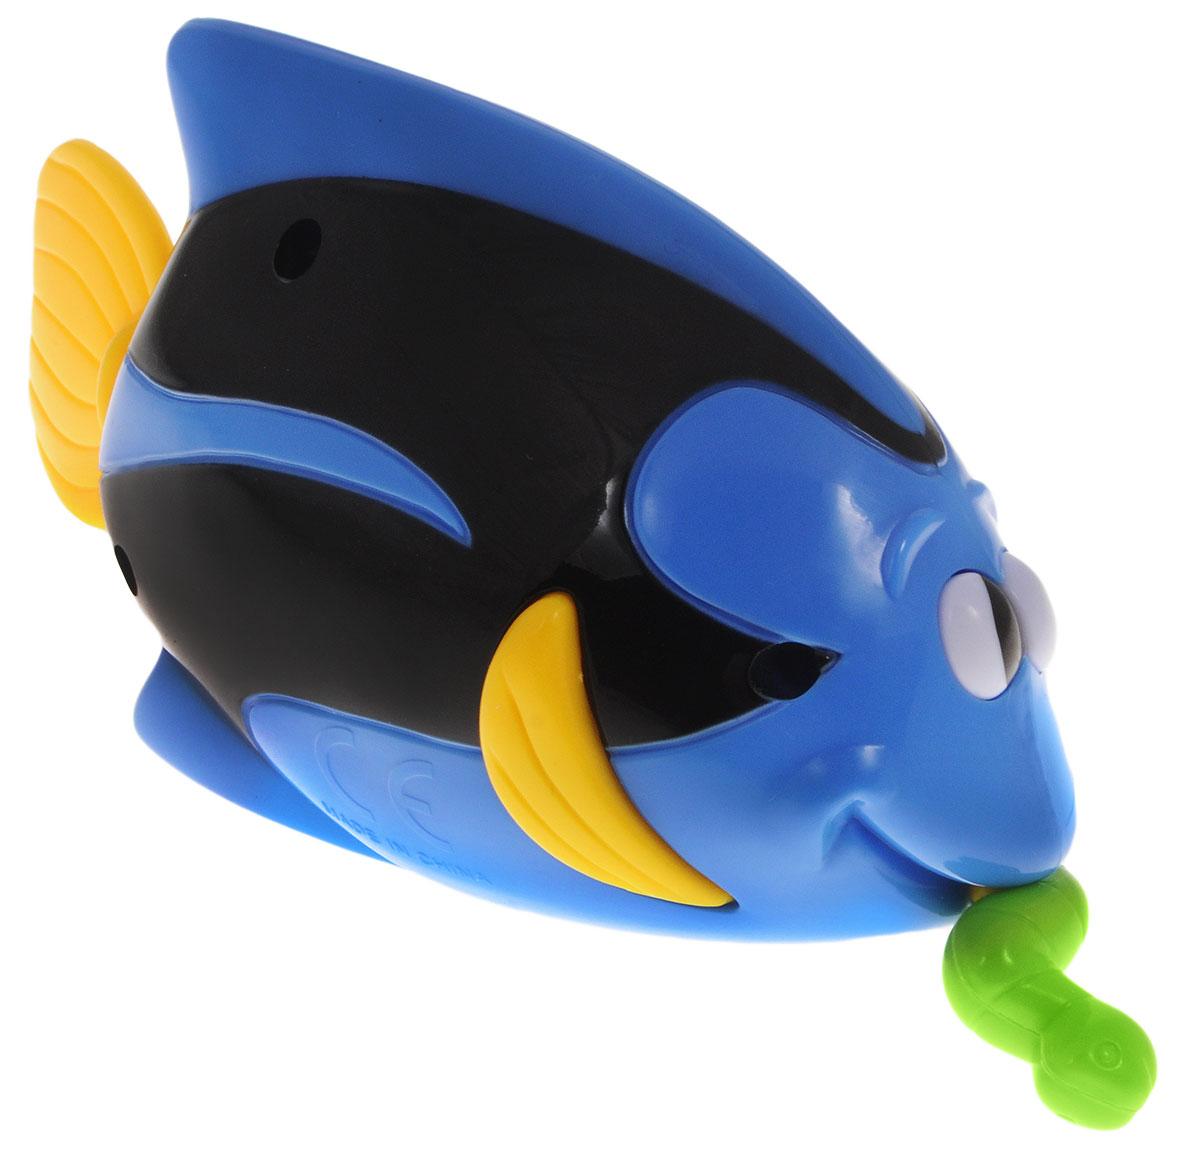 Navystar Игрушка для ванной Рыбка Голубой хирург65096-1Игрушка для ванной Navystar Рыбка Голубой хирург обрадует вашего малыша во время купания и сделает этот порой нелегкий процесс приятным и веселым. Игрушка выполнена в виде яркой рыбки с червячком во рту. Если потянуть за червячка, а затем отпустить, рыбка начнет двигать хвостовым плавником. Игрушка для ванной Navystar Рыбка Голубой хирург не только развеселит вашего малыша, но и поможет развить мелкую моторику.